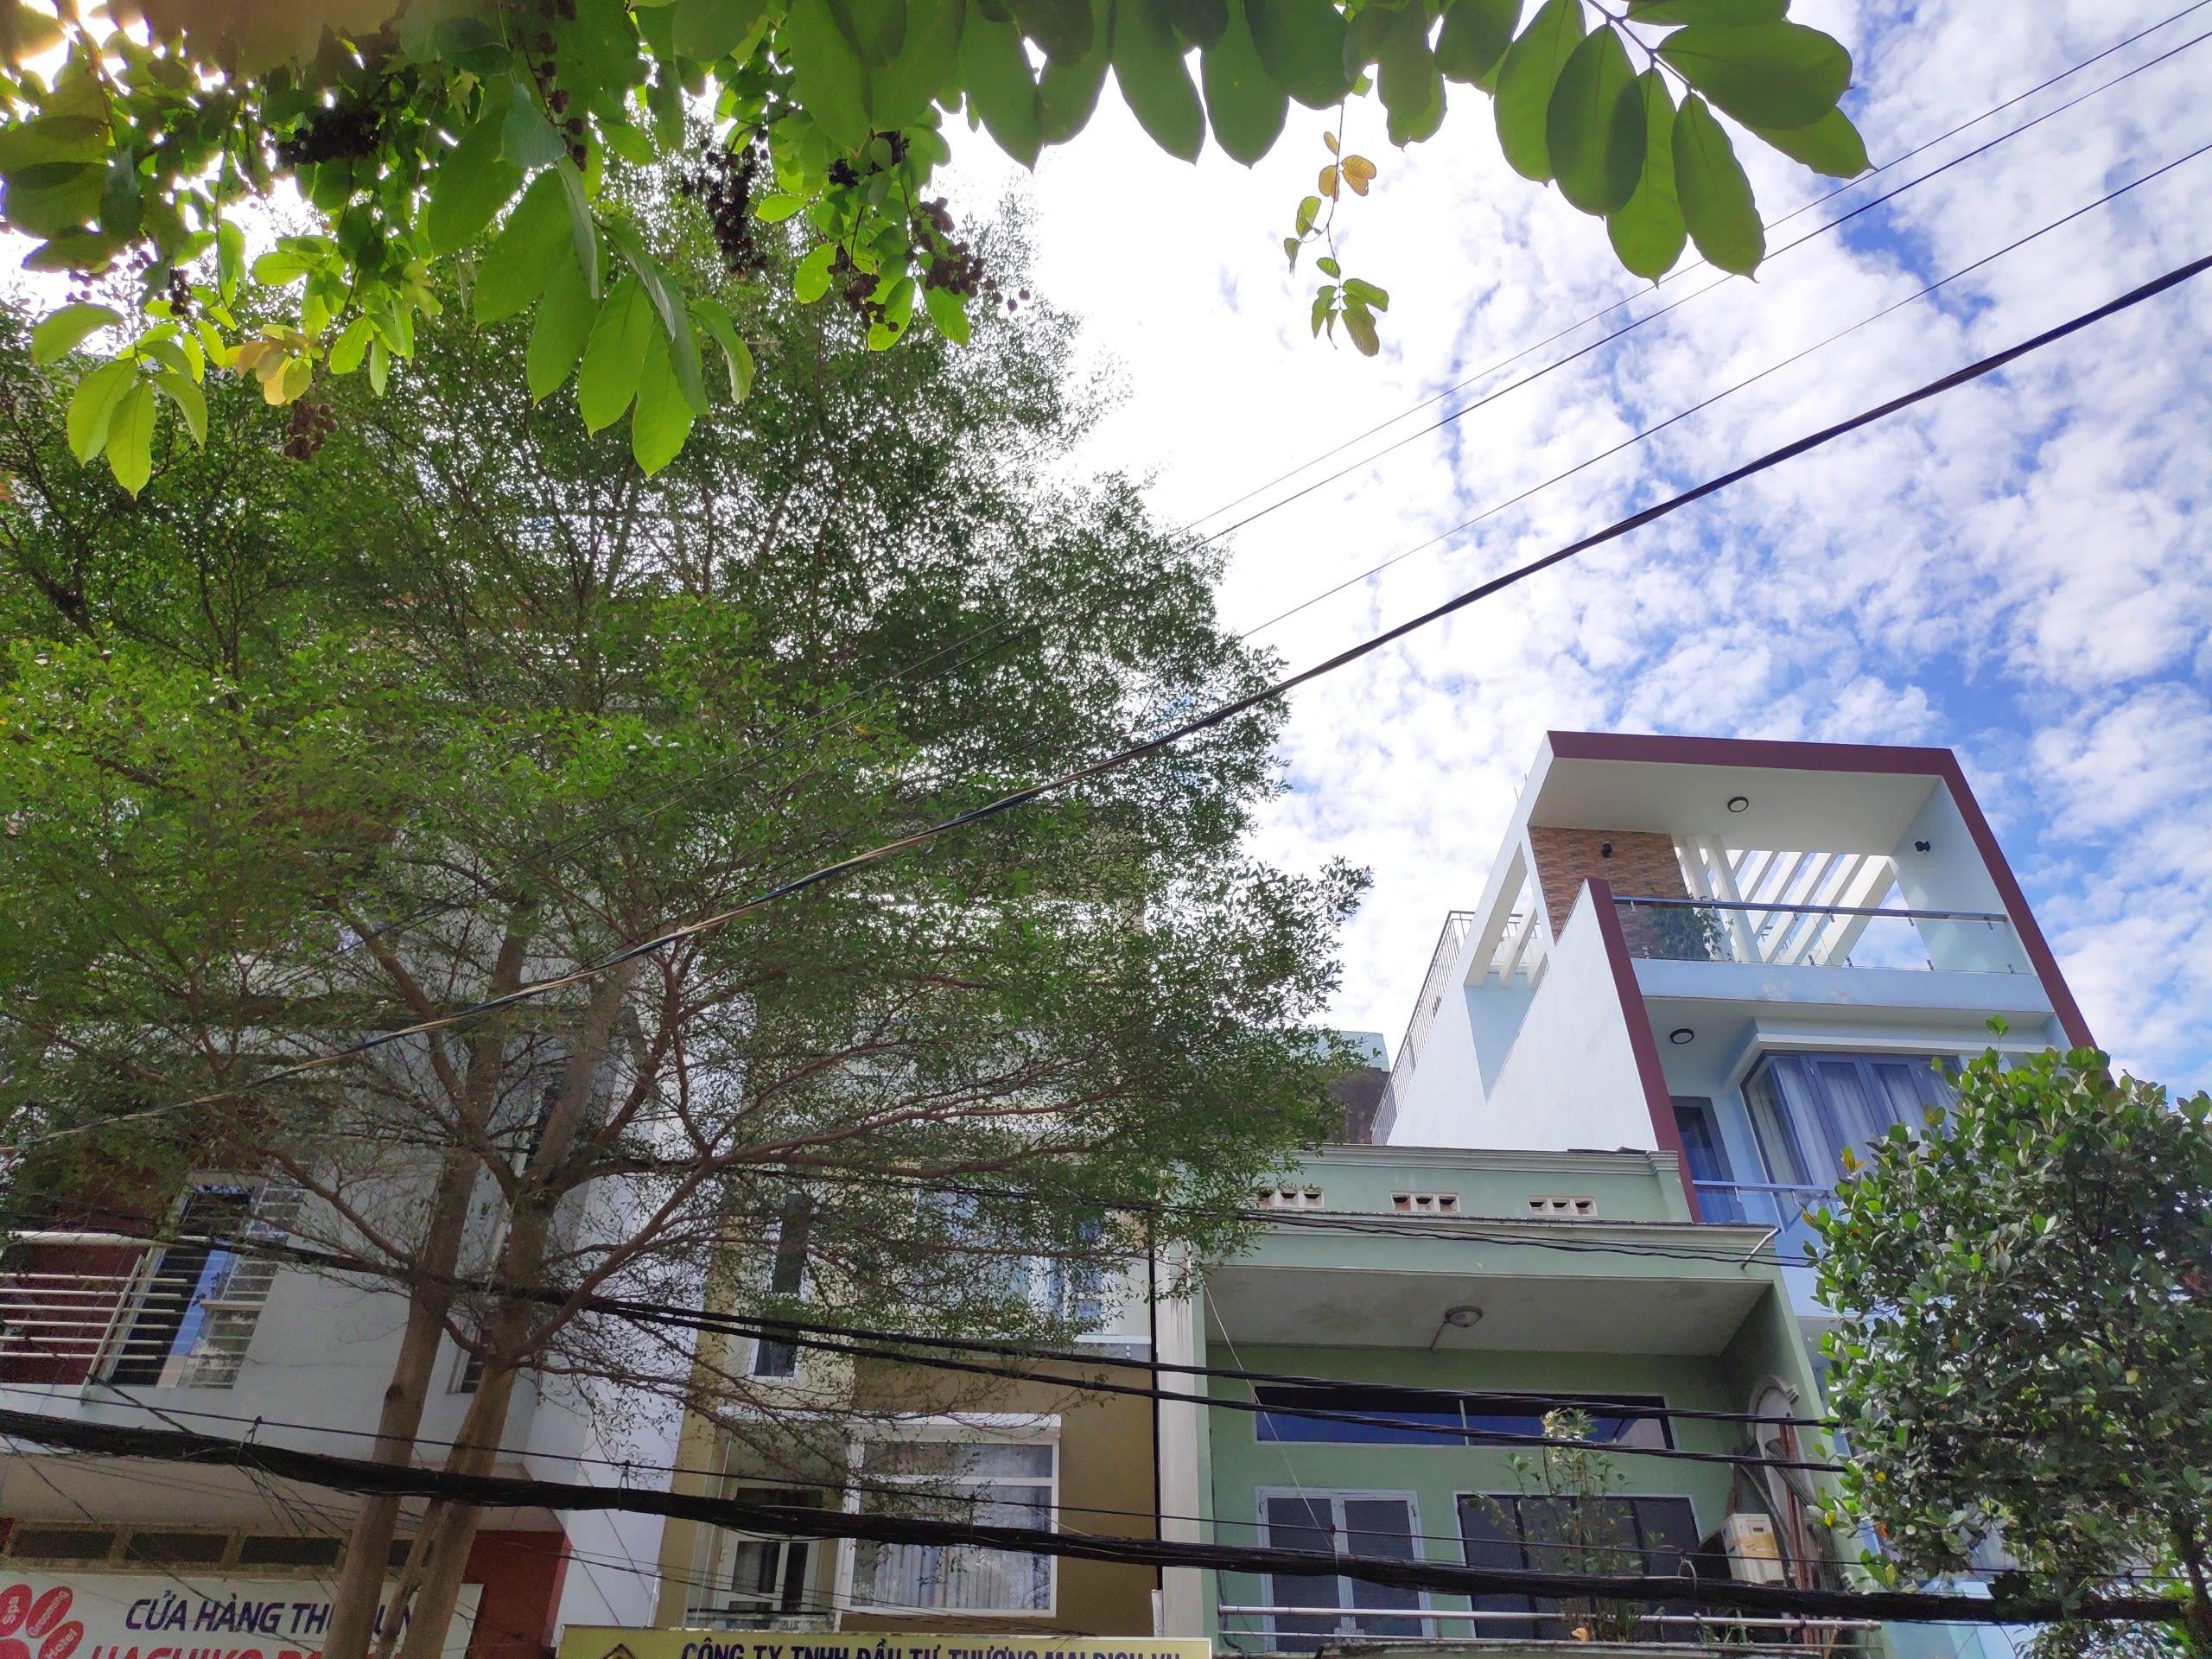 Bán Nhà Mặt Tiền Đường 79 DT 4x18m 4 Tầng, Vị Trí Kinh Doanh, Giá Chỉ 12.5 Tỷ